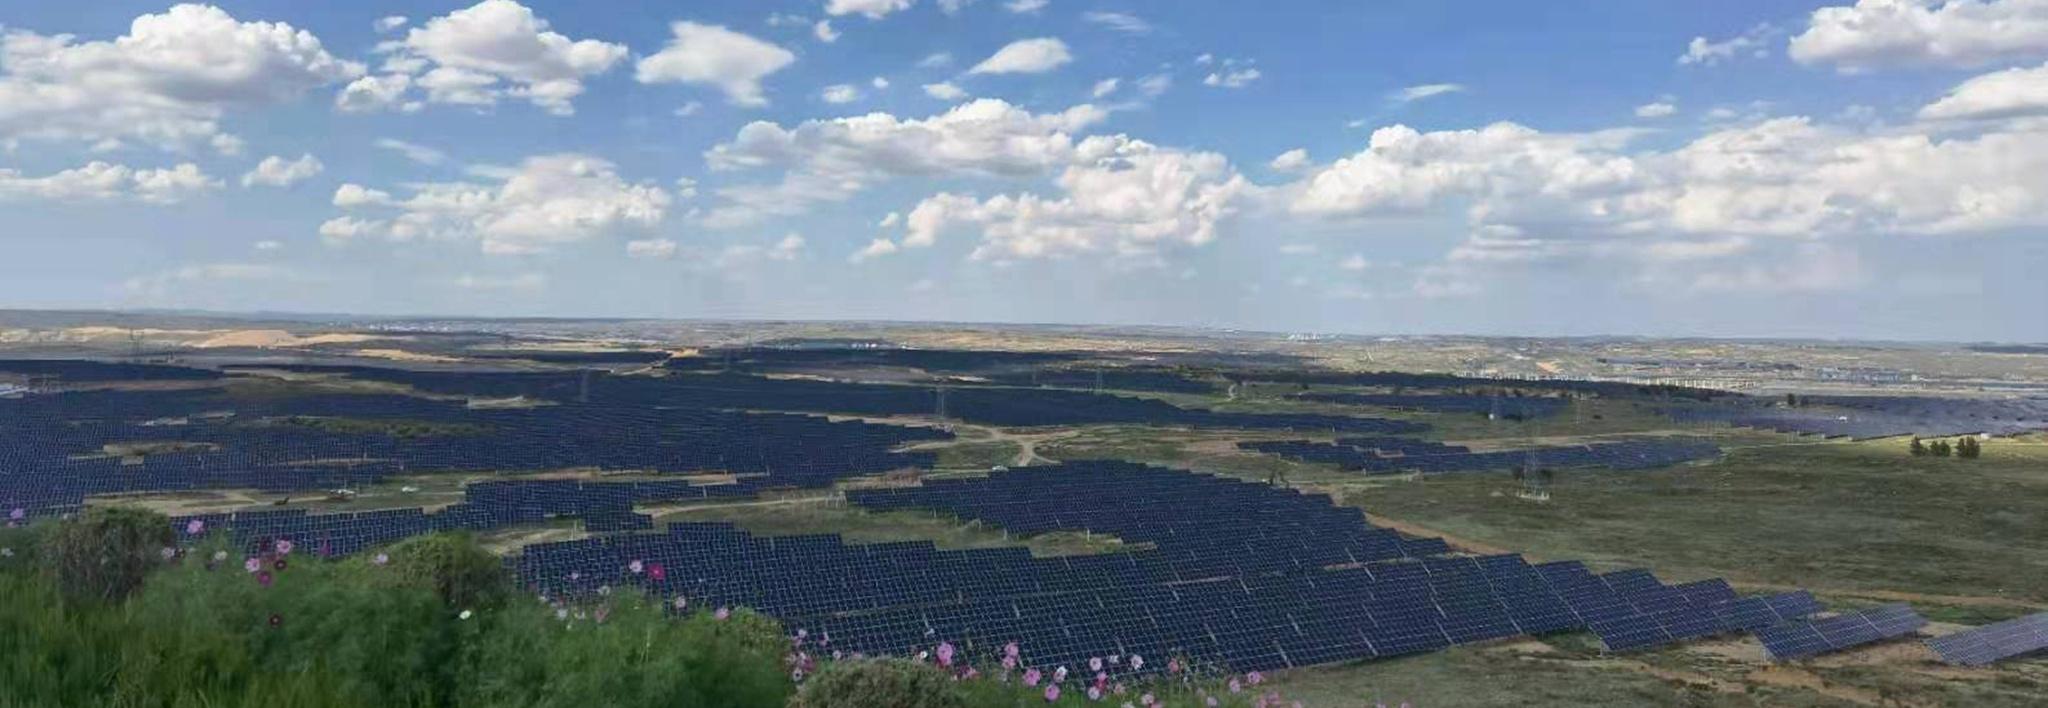 Clenergy Ground-mount PV-ezRack SolarTerrace I 25MW Solar Project Ordos Inner Mongolia China 01